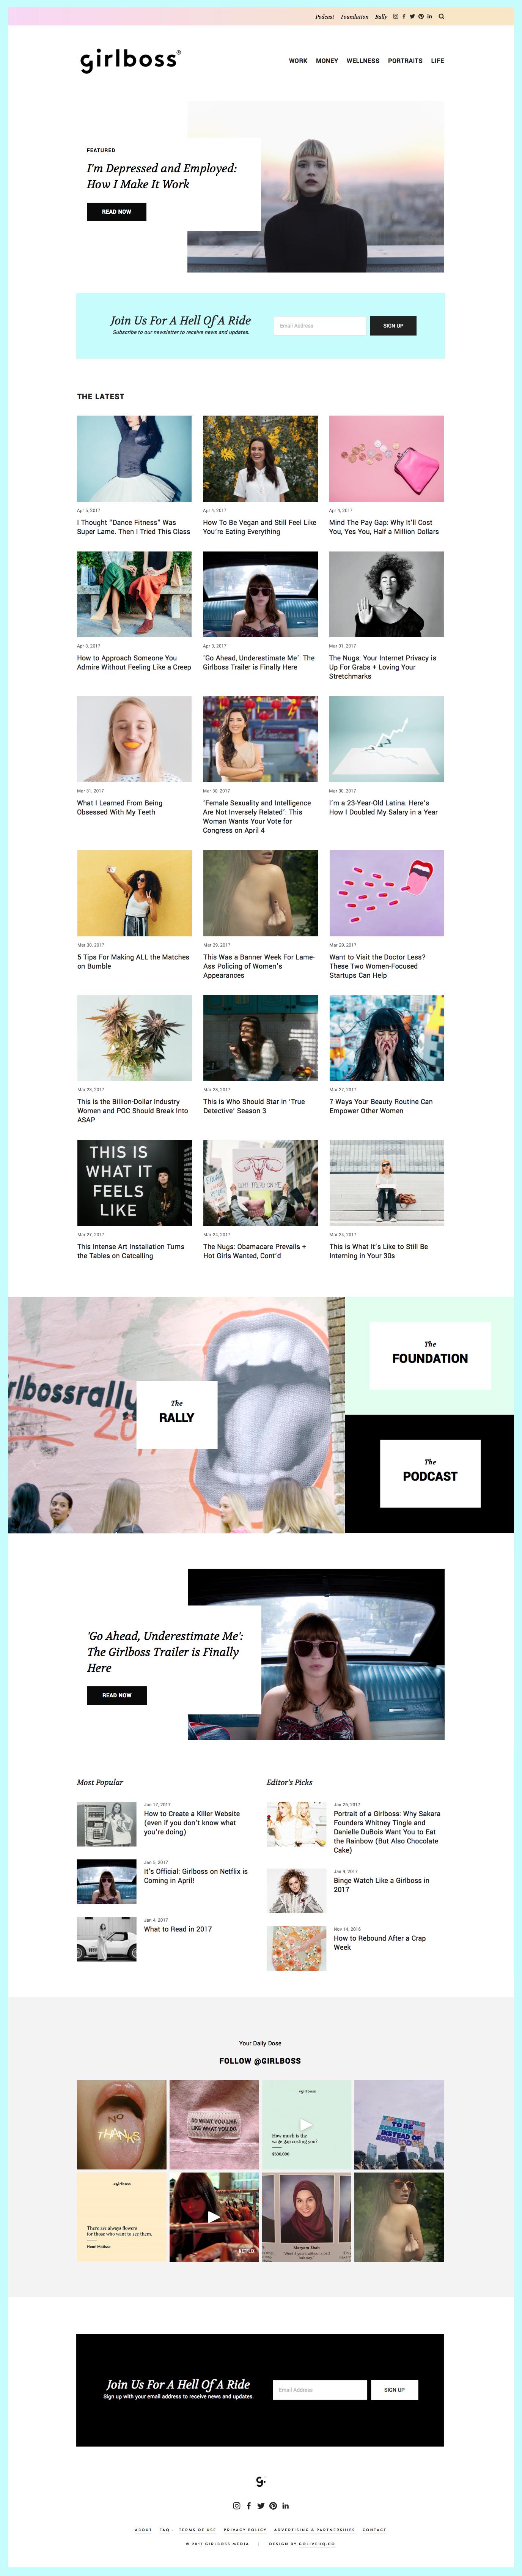 Original Girlboss Website Design | By GoLive